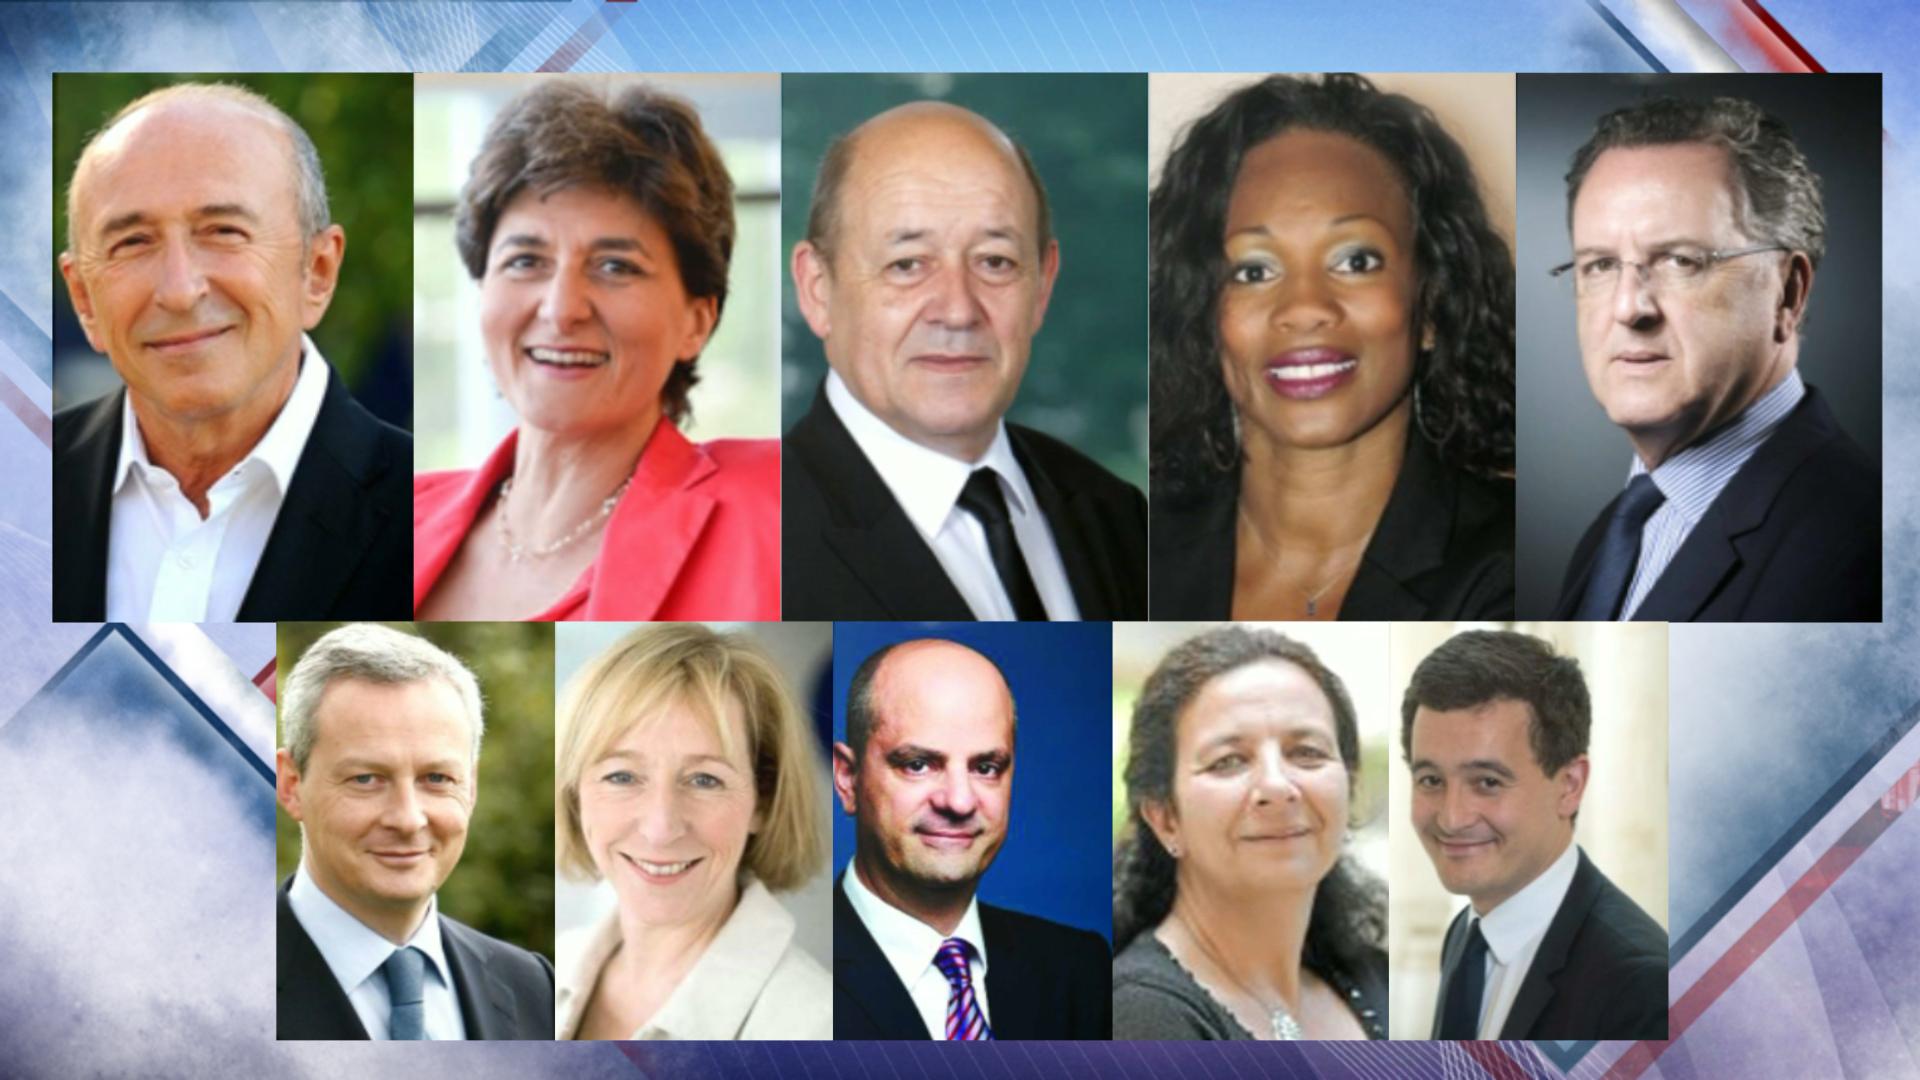 Portrait : Frédérique Vidal, nouvelle ministre de l'Enseignement supérieur et de la recherche